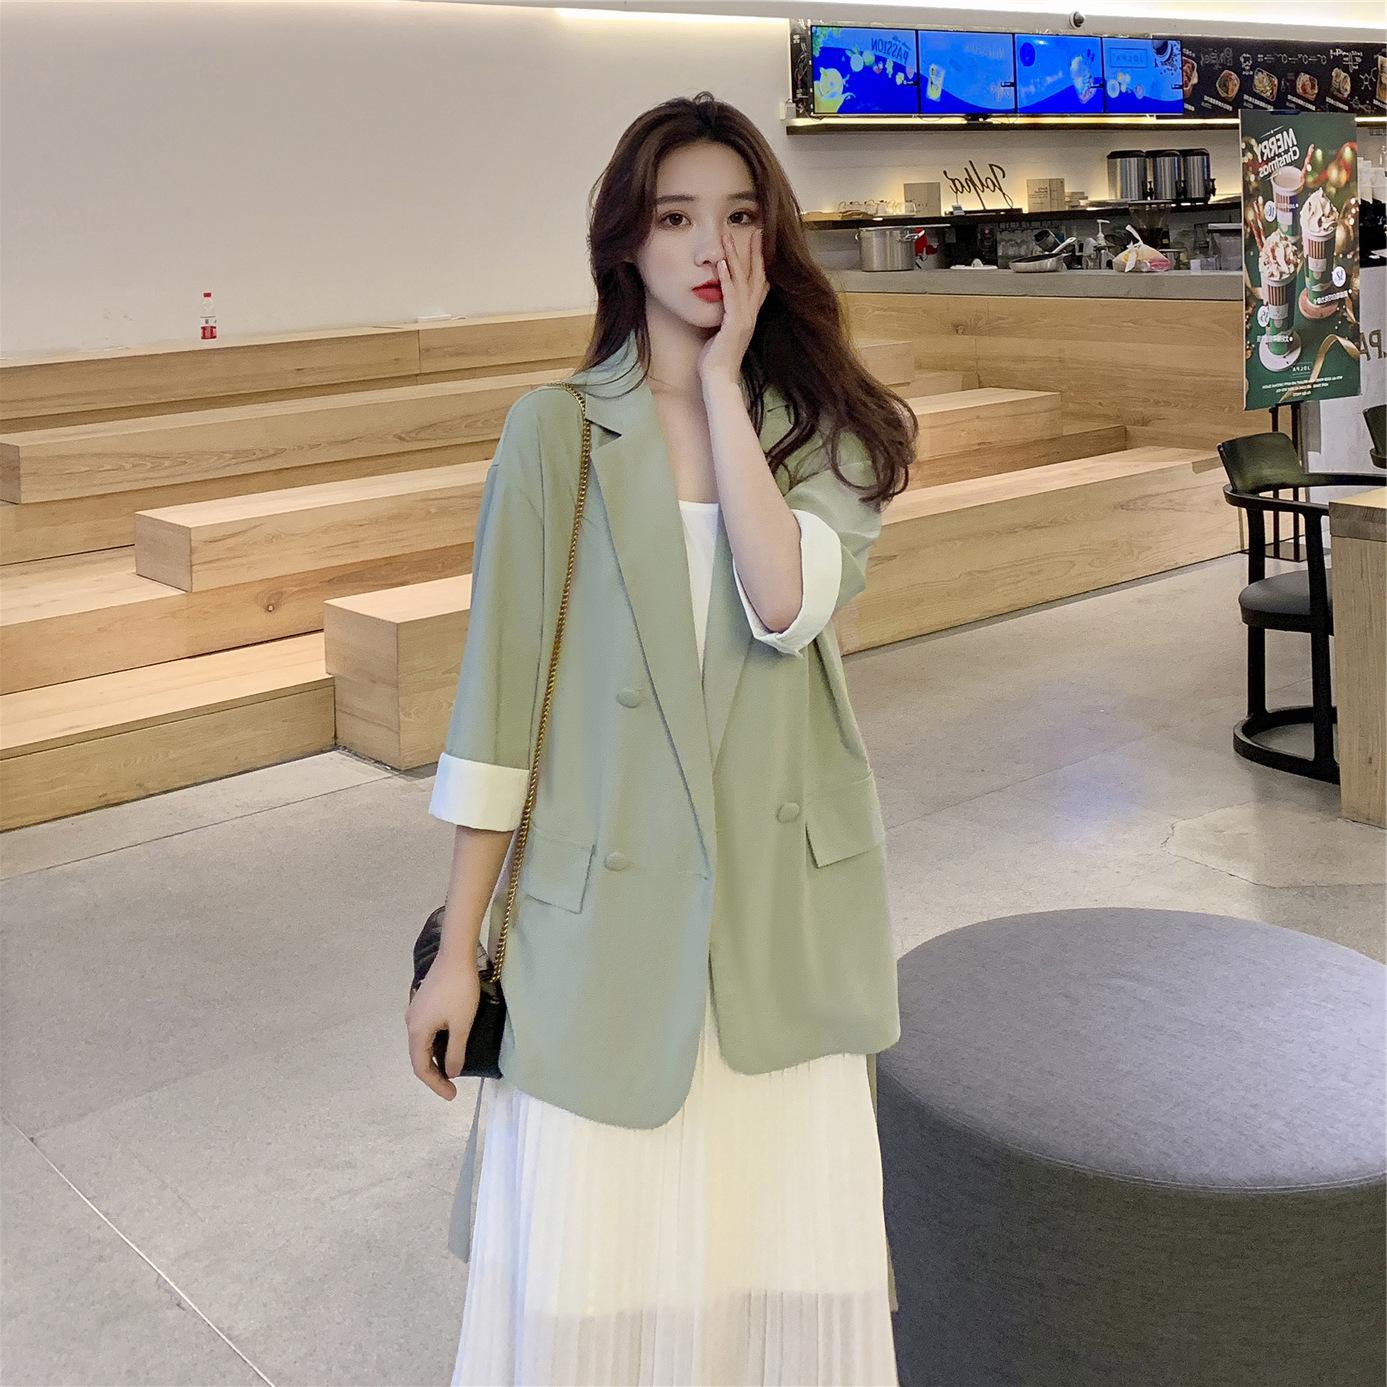 新品套装女2020新款夏装很仙的西装裙子两件套时髦洋气吊带连衣裙